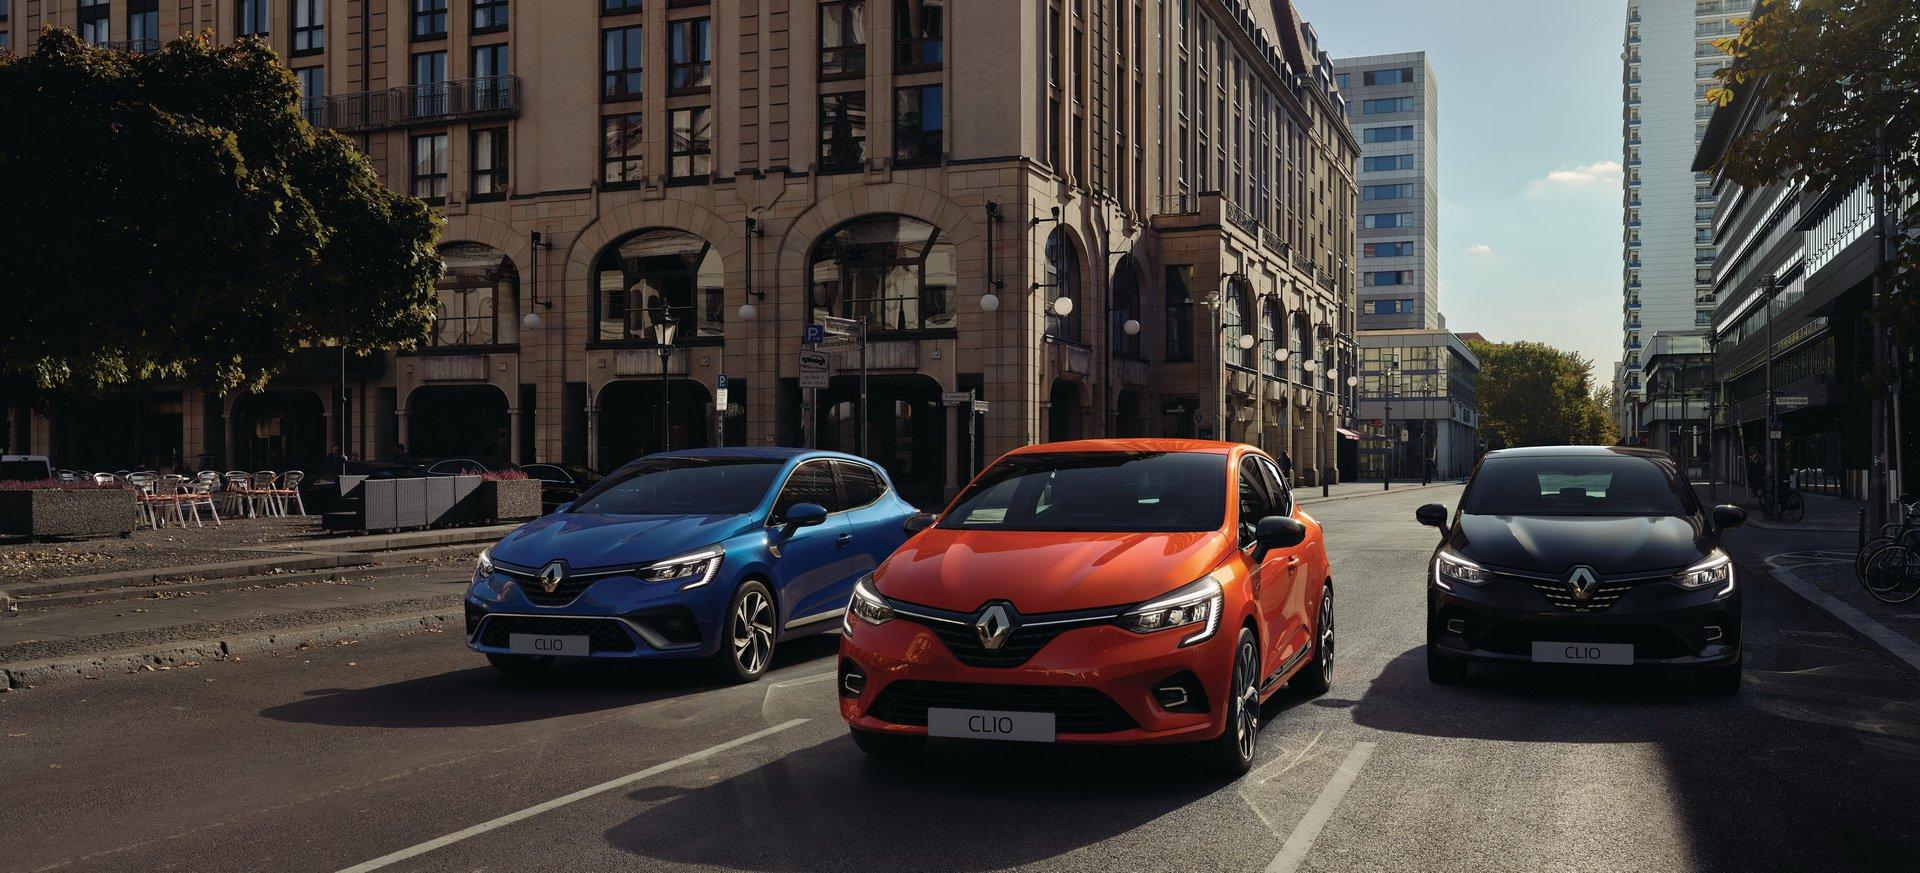 Renault Clio 2019 (5)